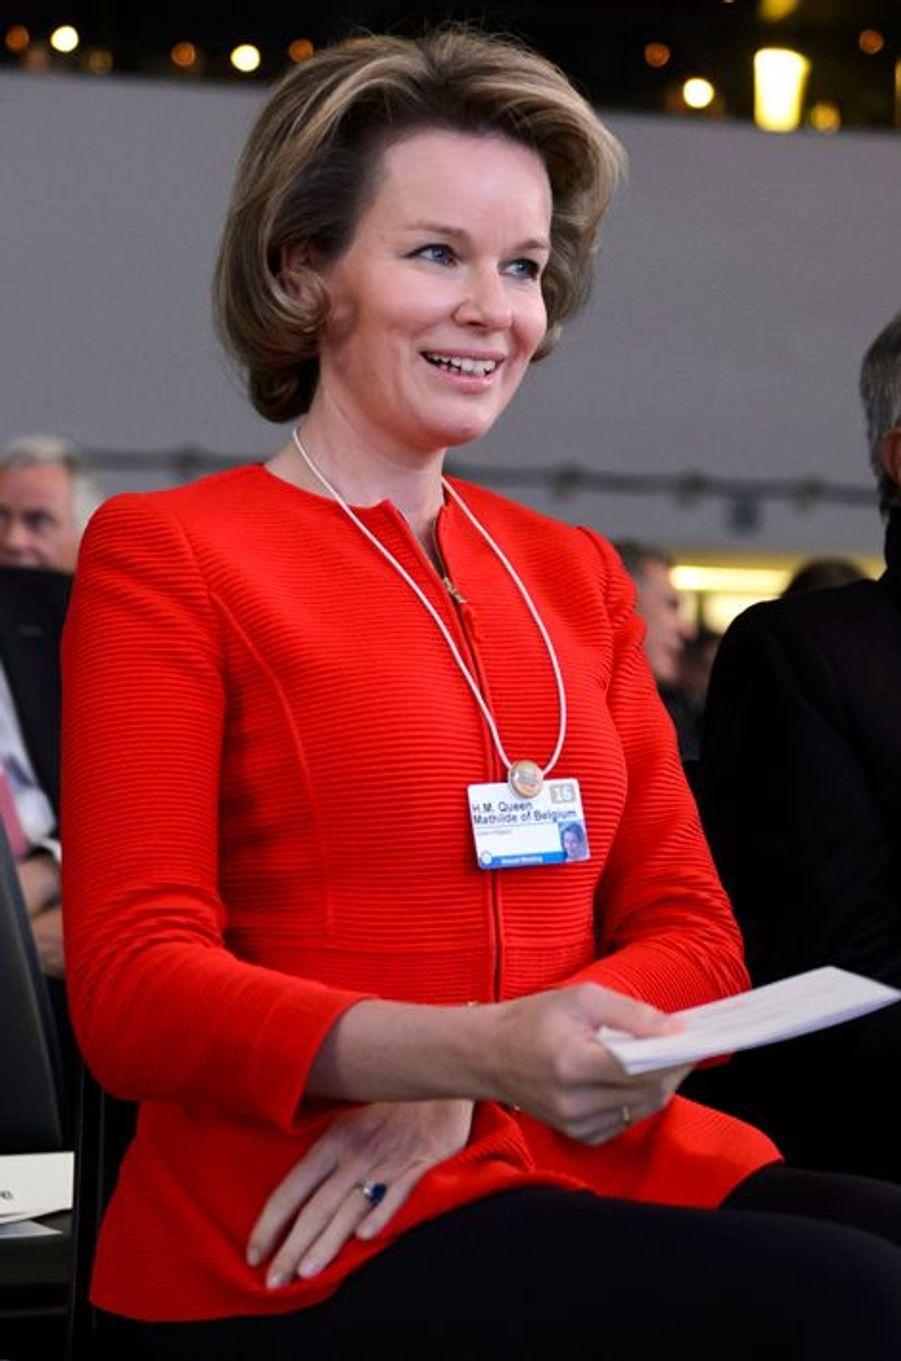 La reine Mathilde de Belgique au Forum économique mondial de Davos, le 19 janvier 2016